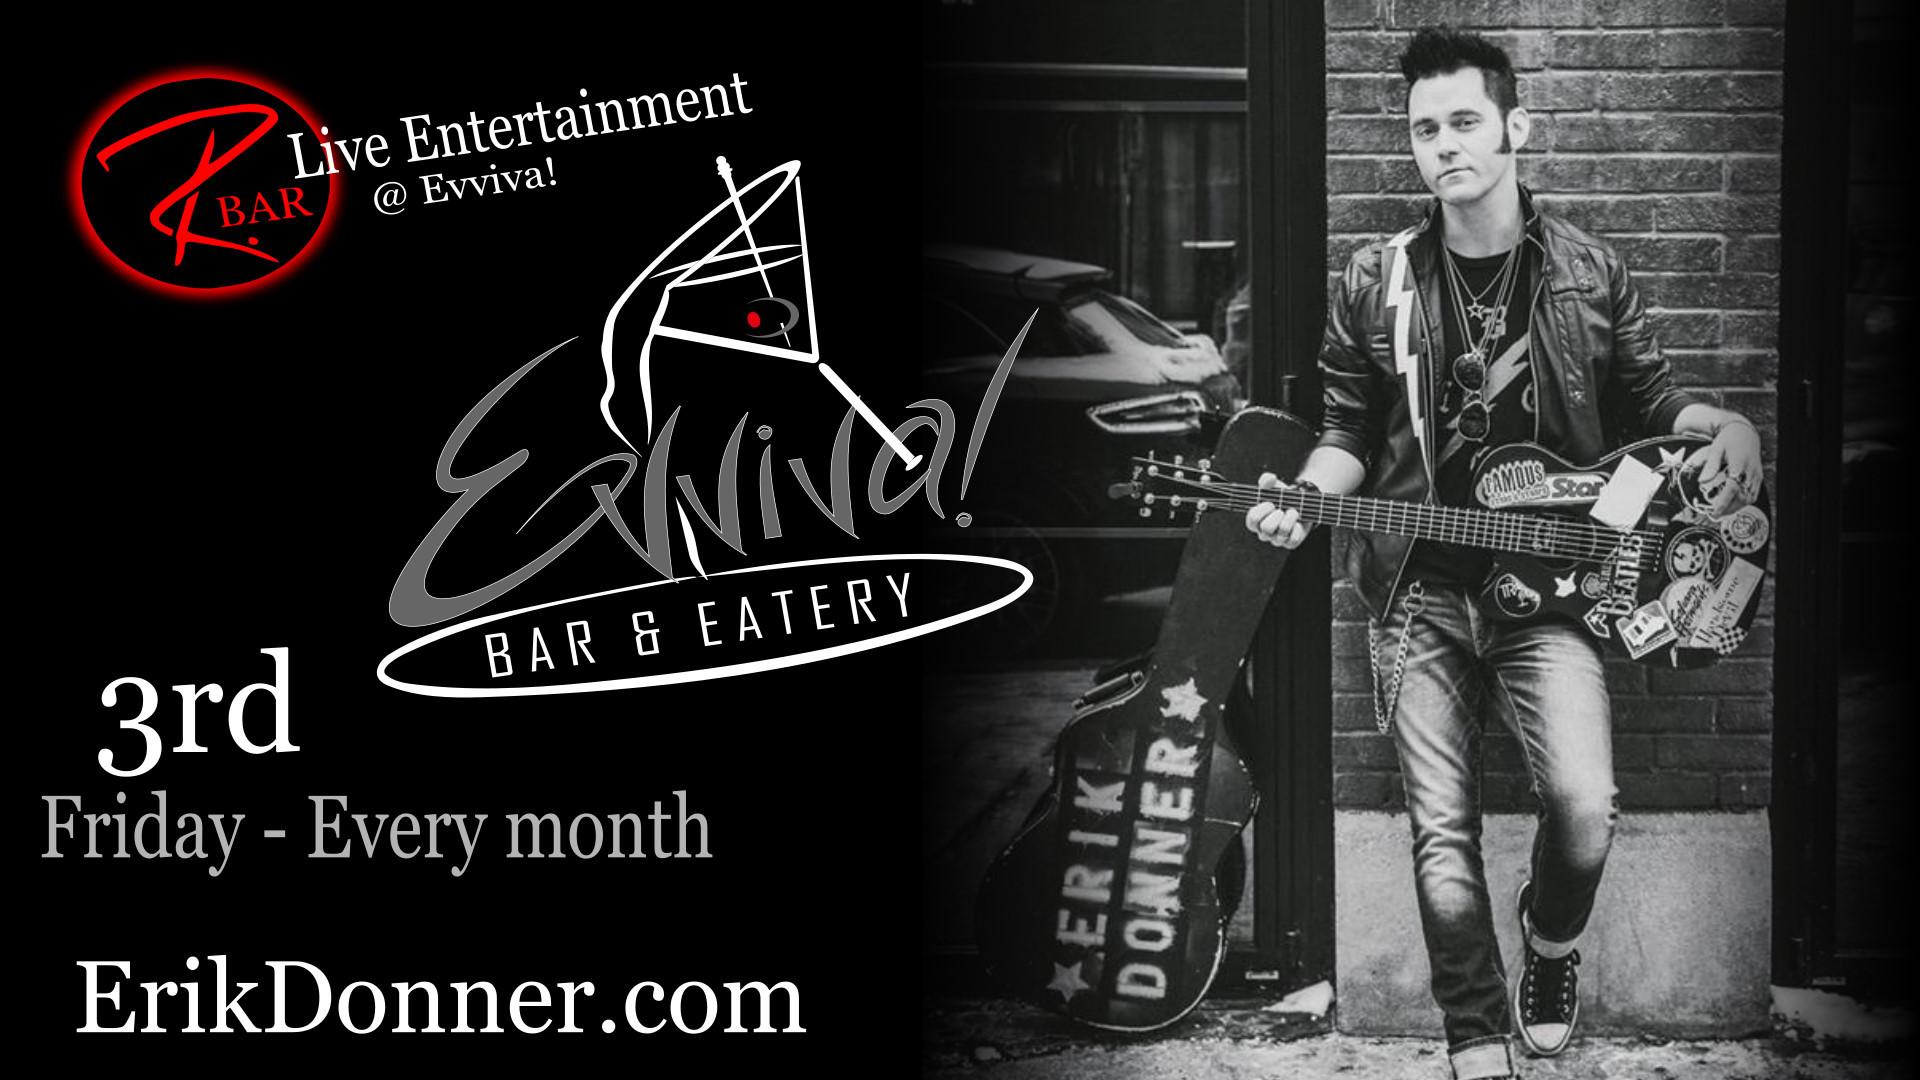 Erik Donner - Live Entertainment @ Evviva! Bar & Eatery